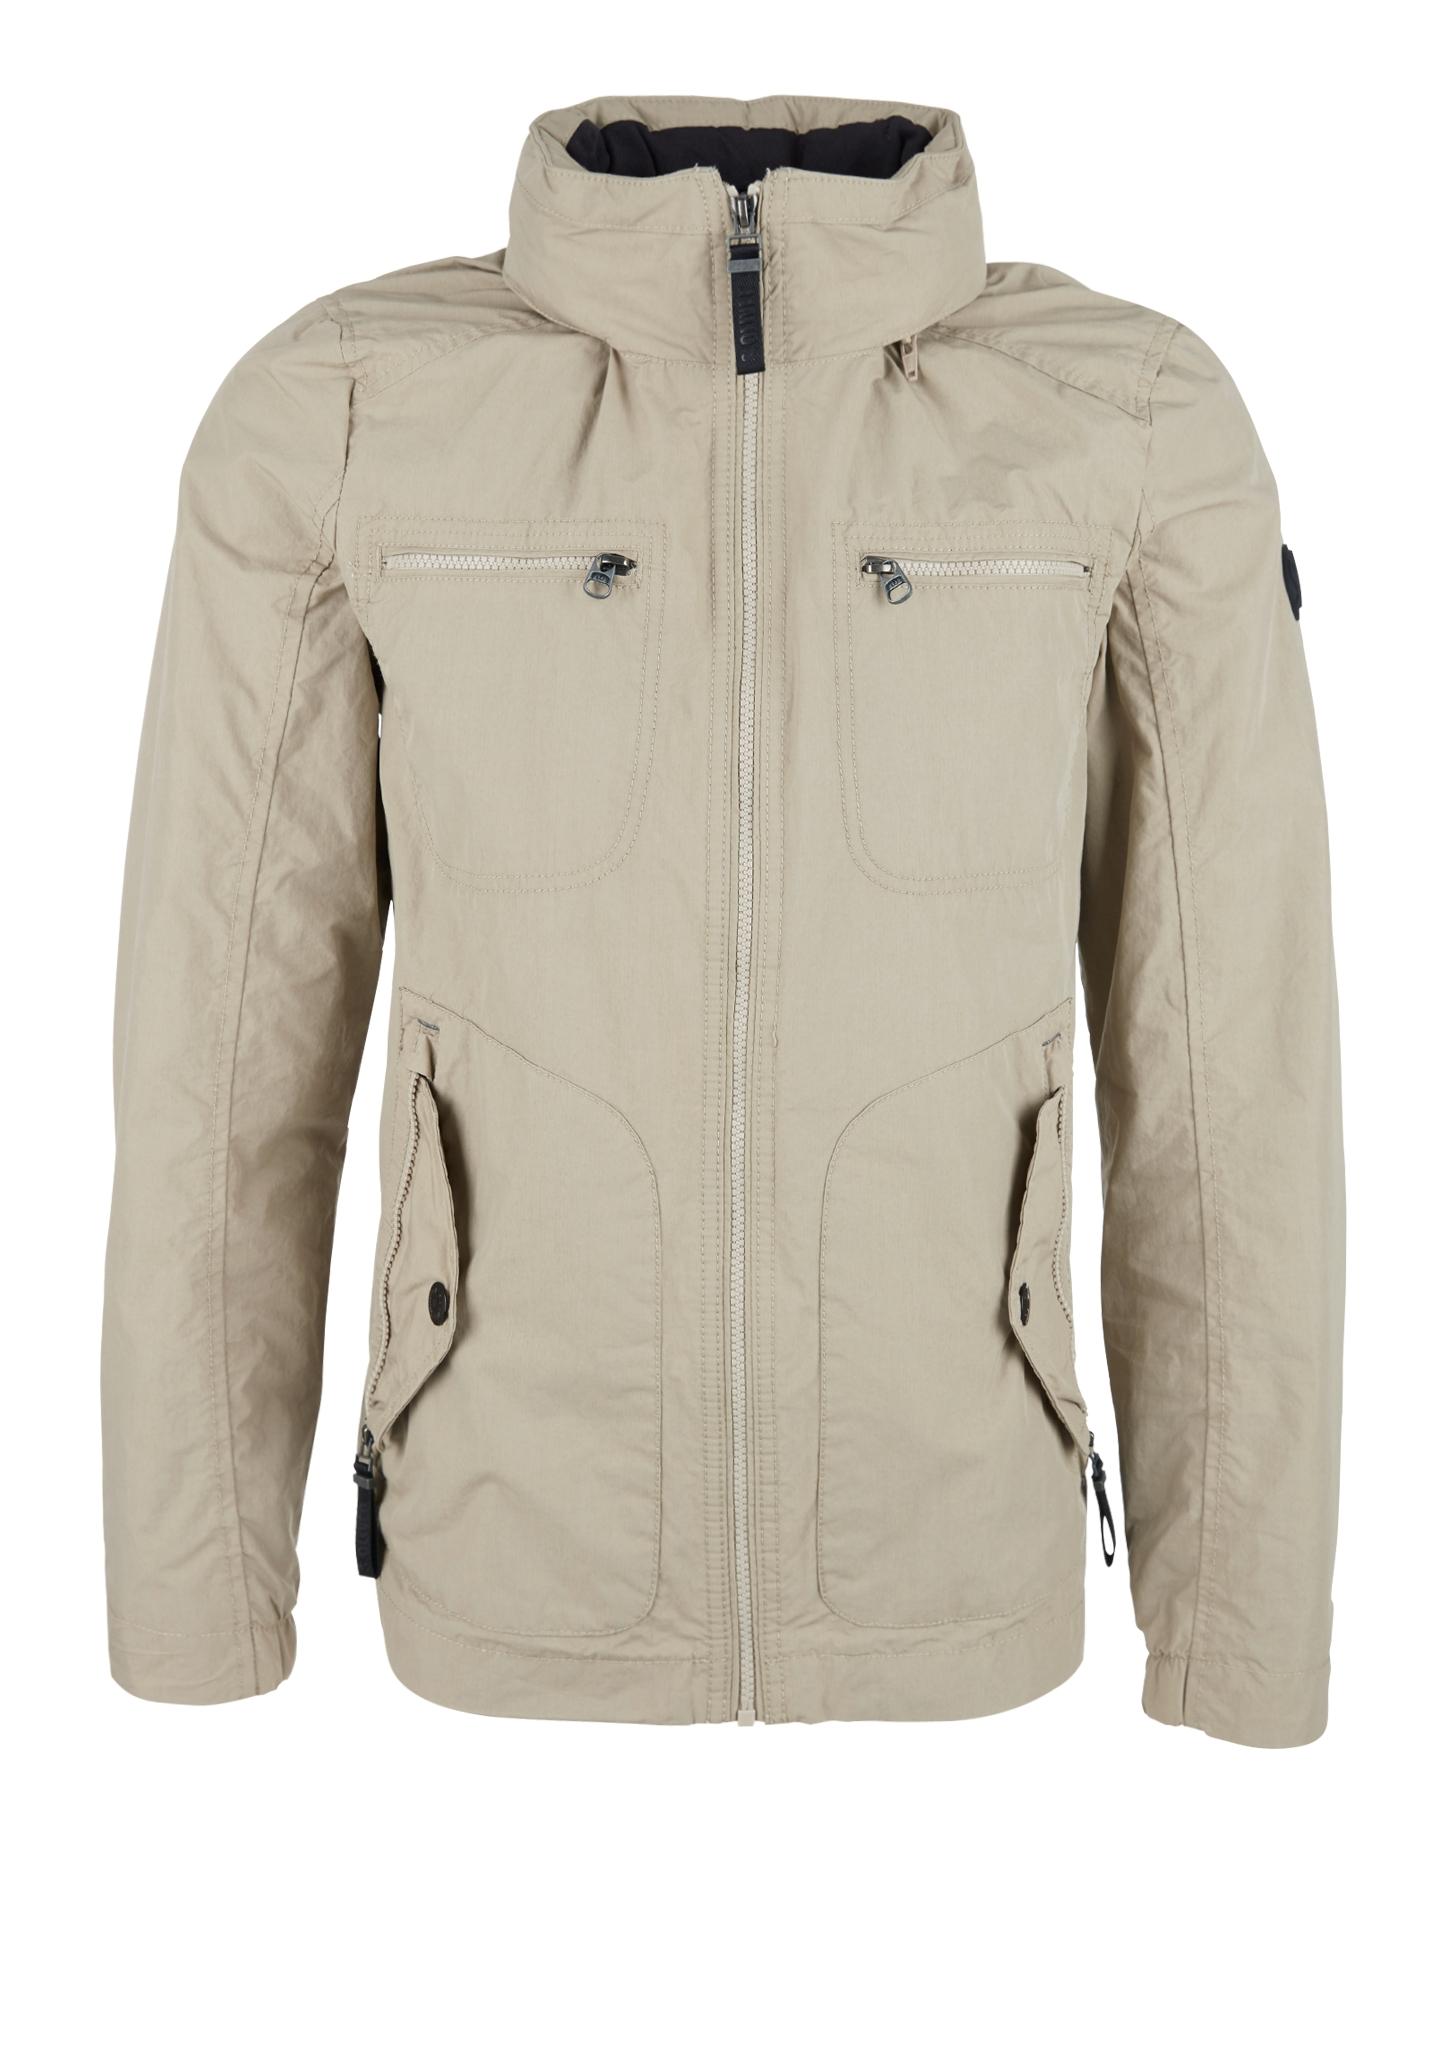 Outdoor-Jacke | Sportbekleidung | Braun | Obermaterial 60% baumwolle -  40% polyamid| futter 100% polyester| kragen 100% baumwolle | s.Oliver